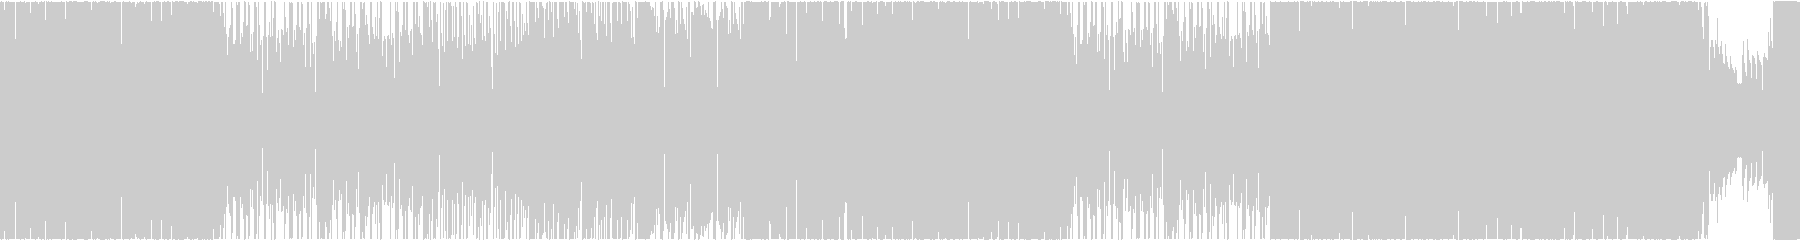 ダブステップ アクション アート EDMの未再生の波形